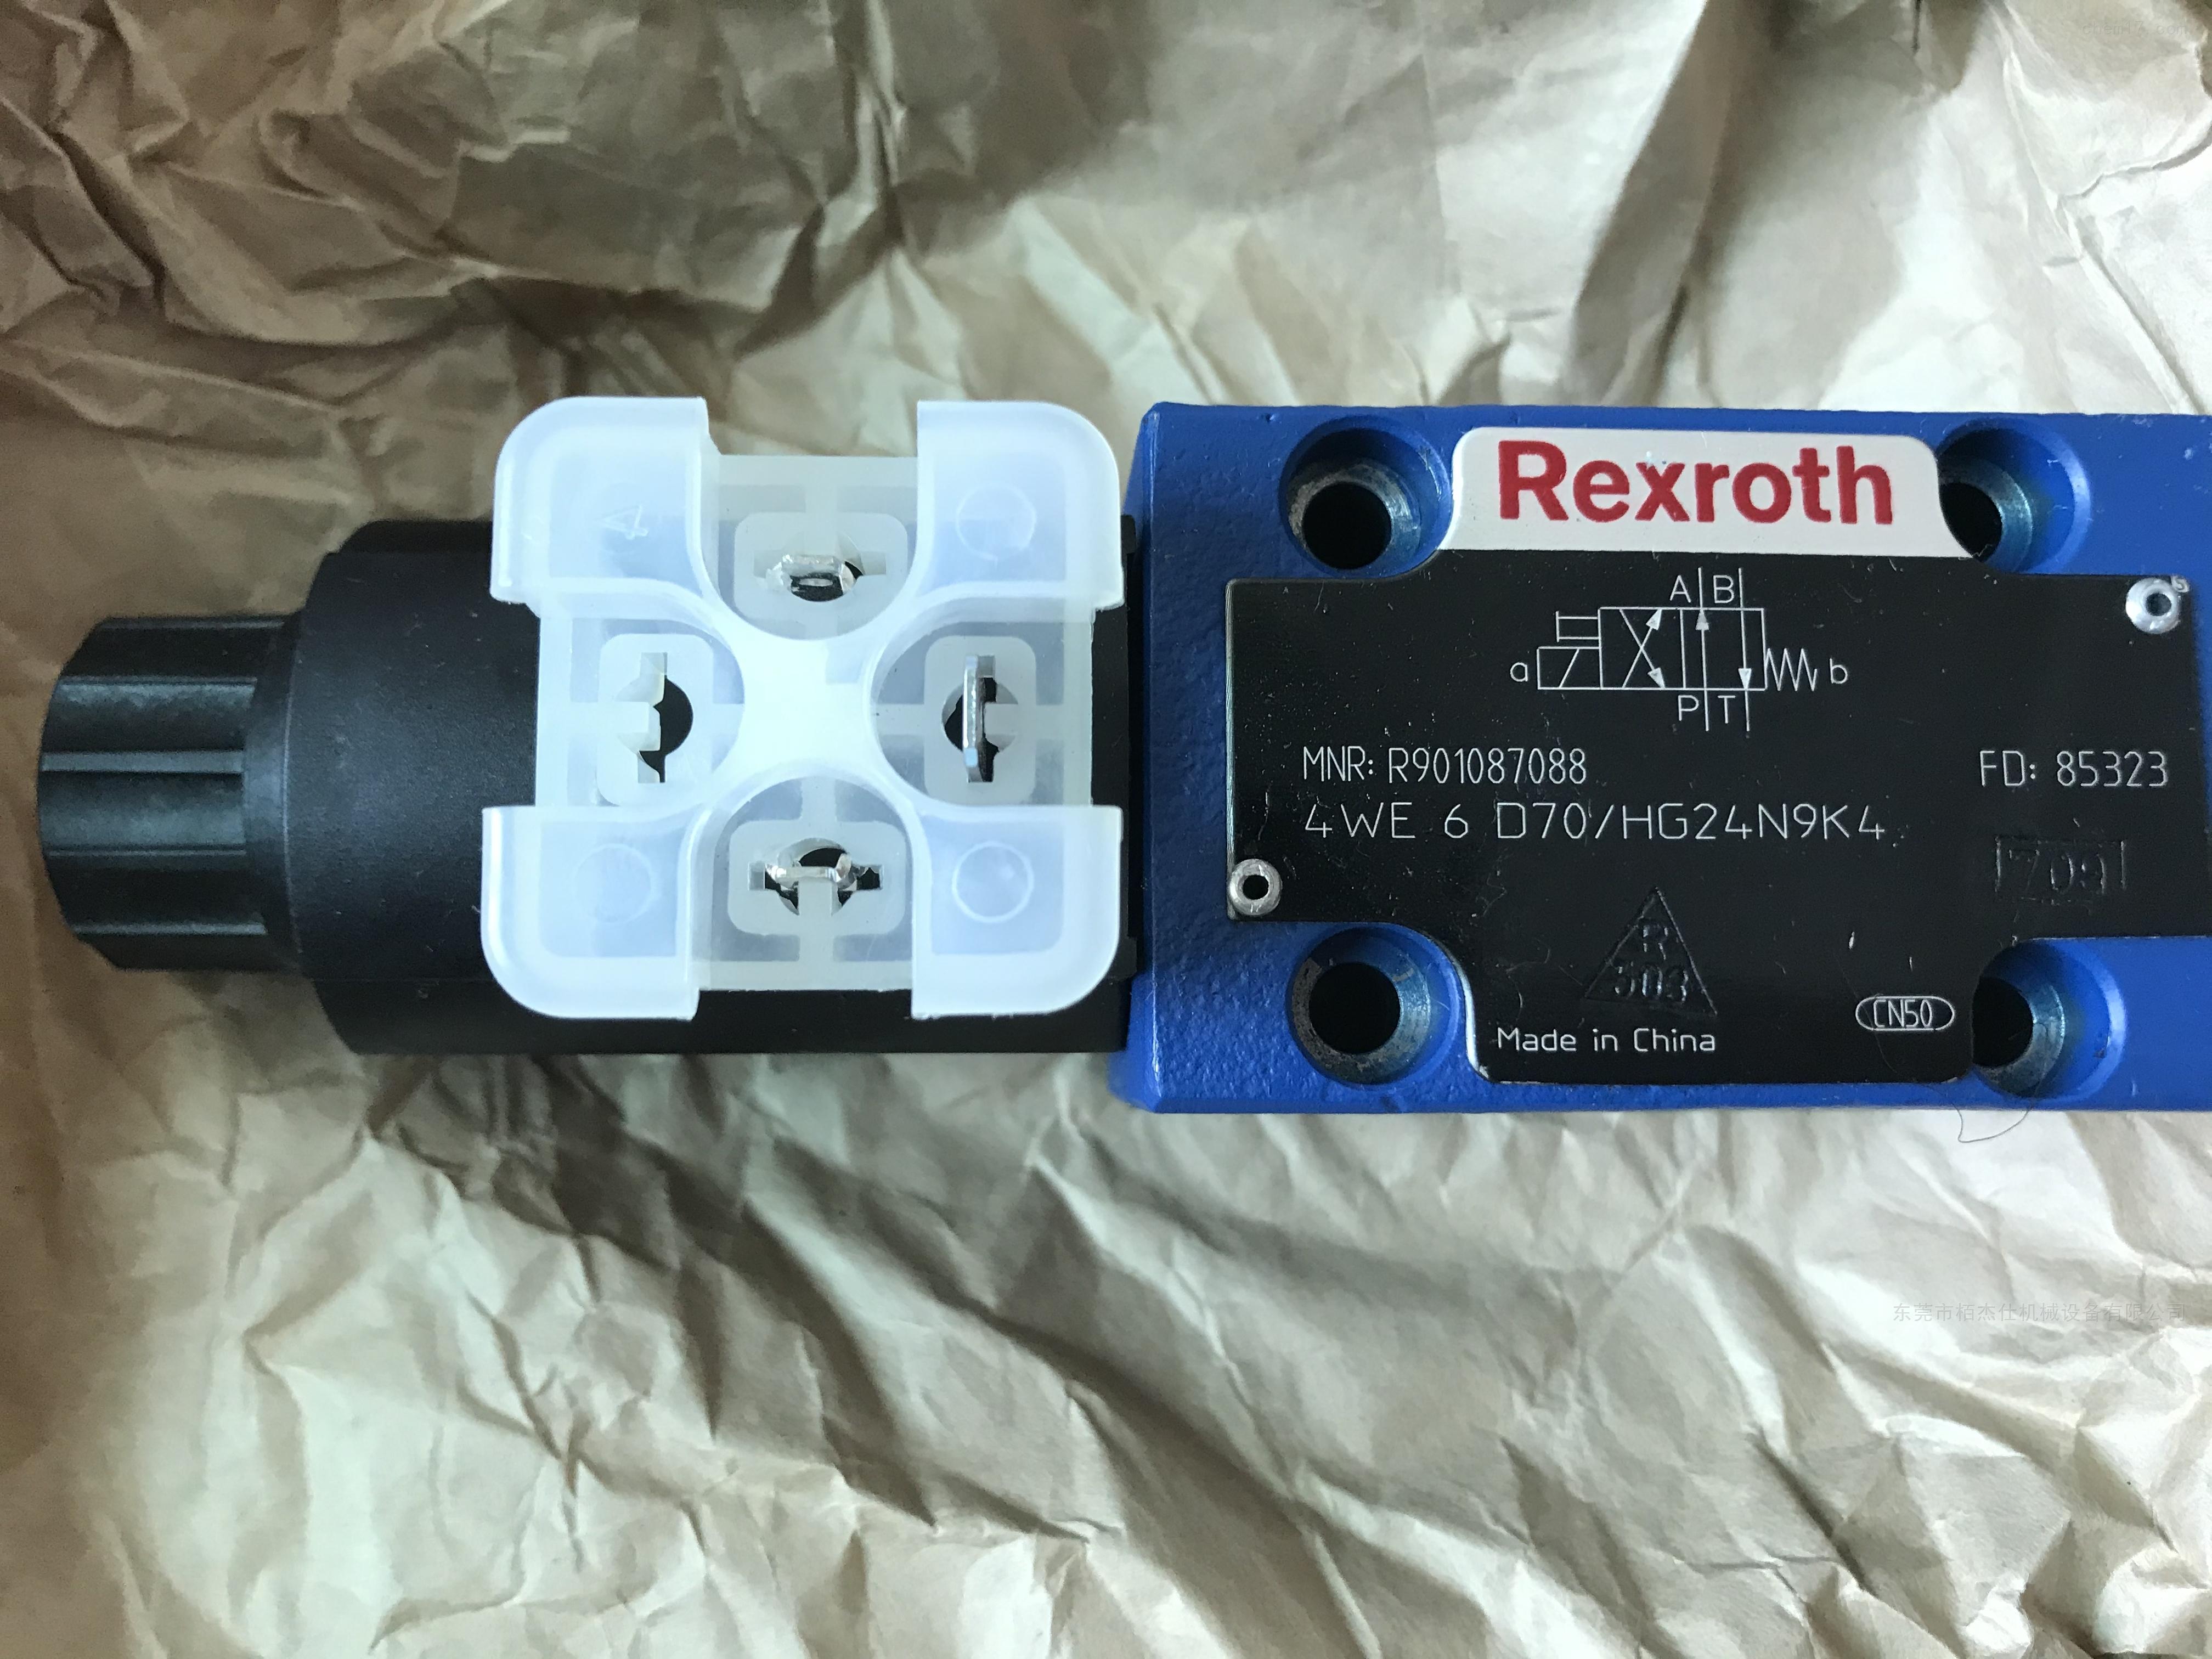 Rexroth力士乐电磁换向阀现货供应